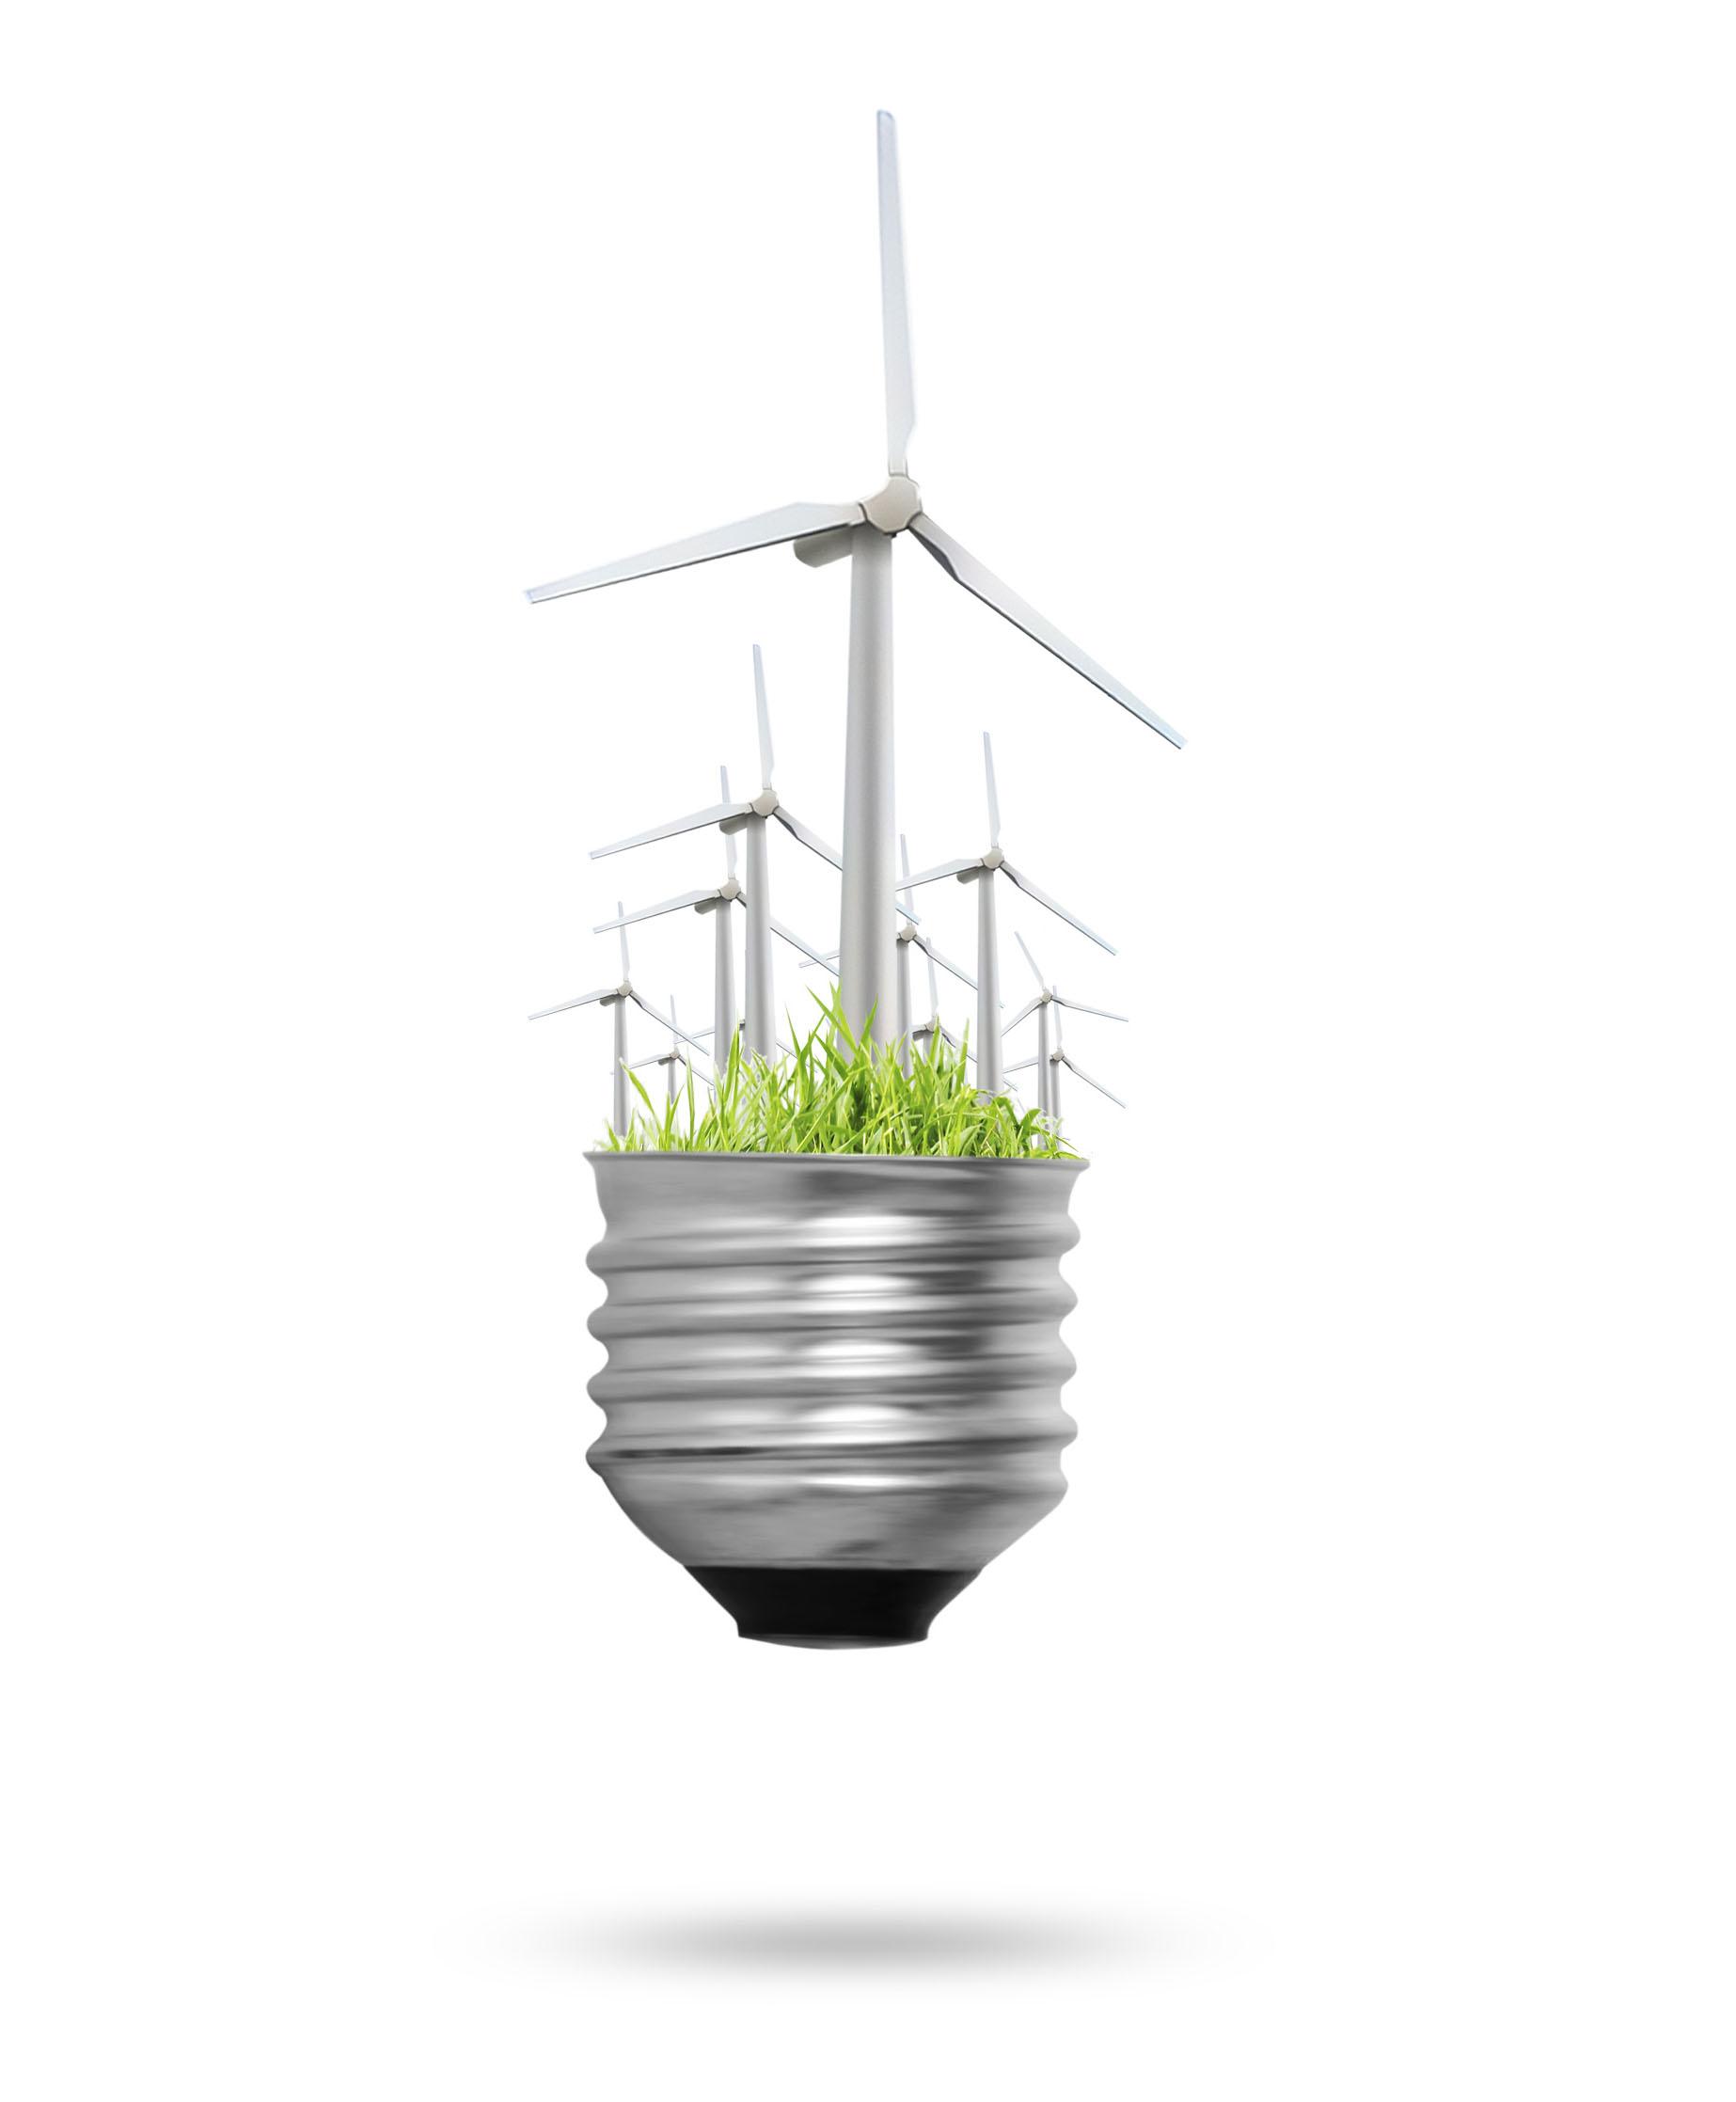 Projektierung von Windparks